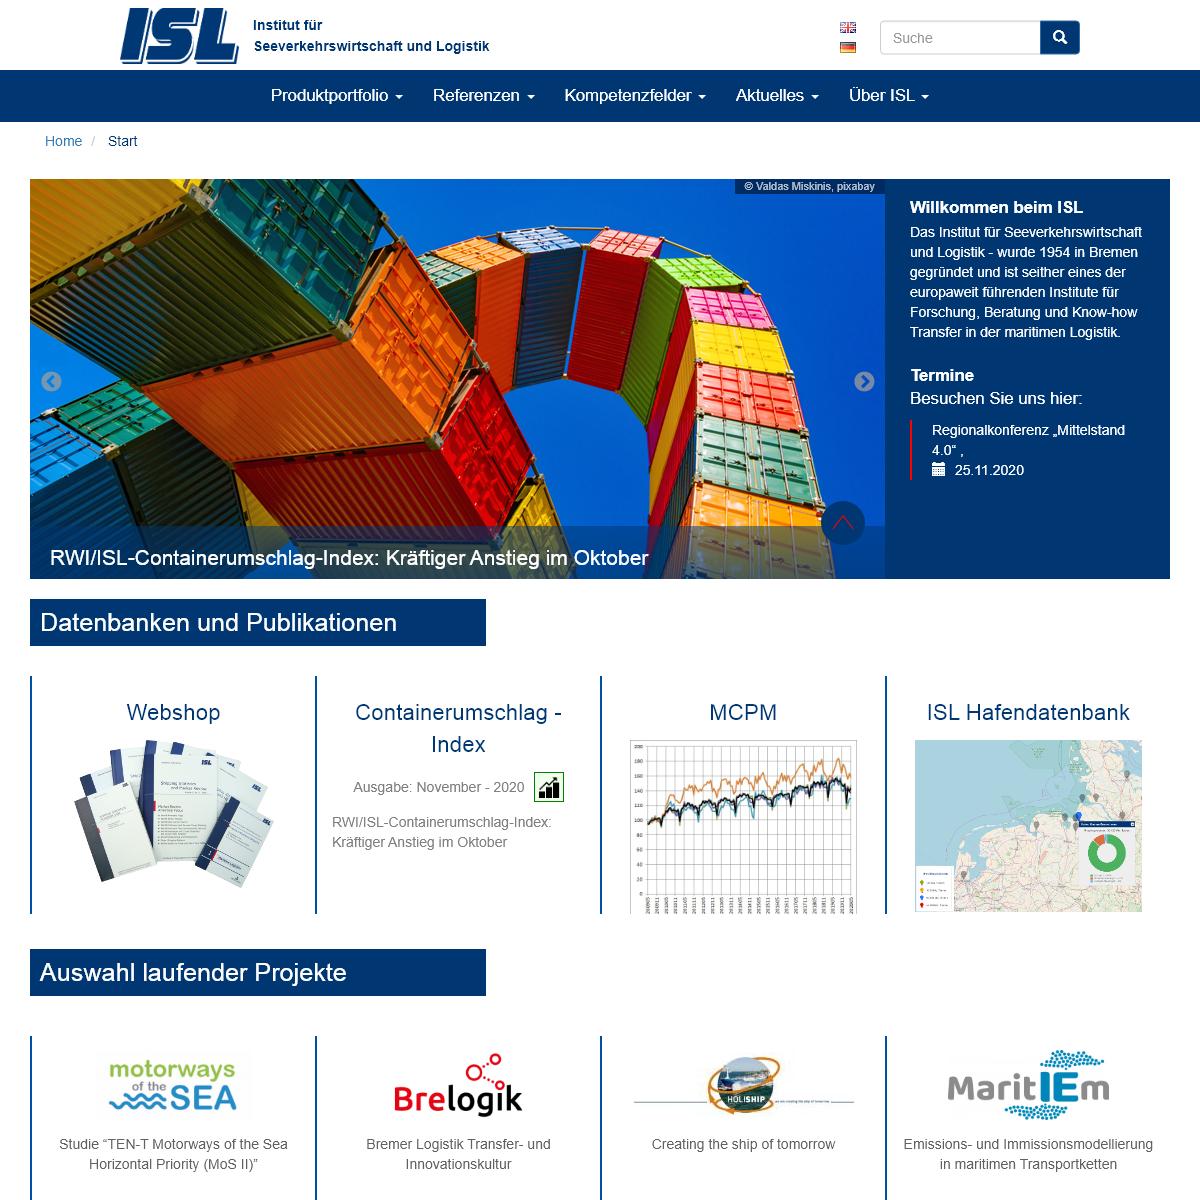 Startseite - ISL - Institut für Seeverkehrswirtschaft und Logistik